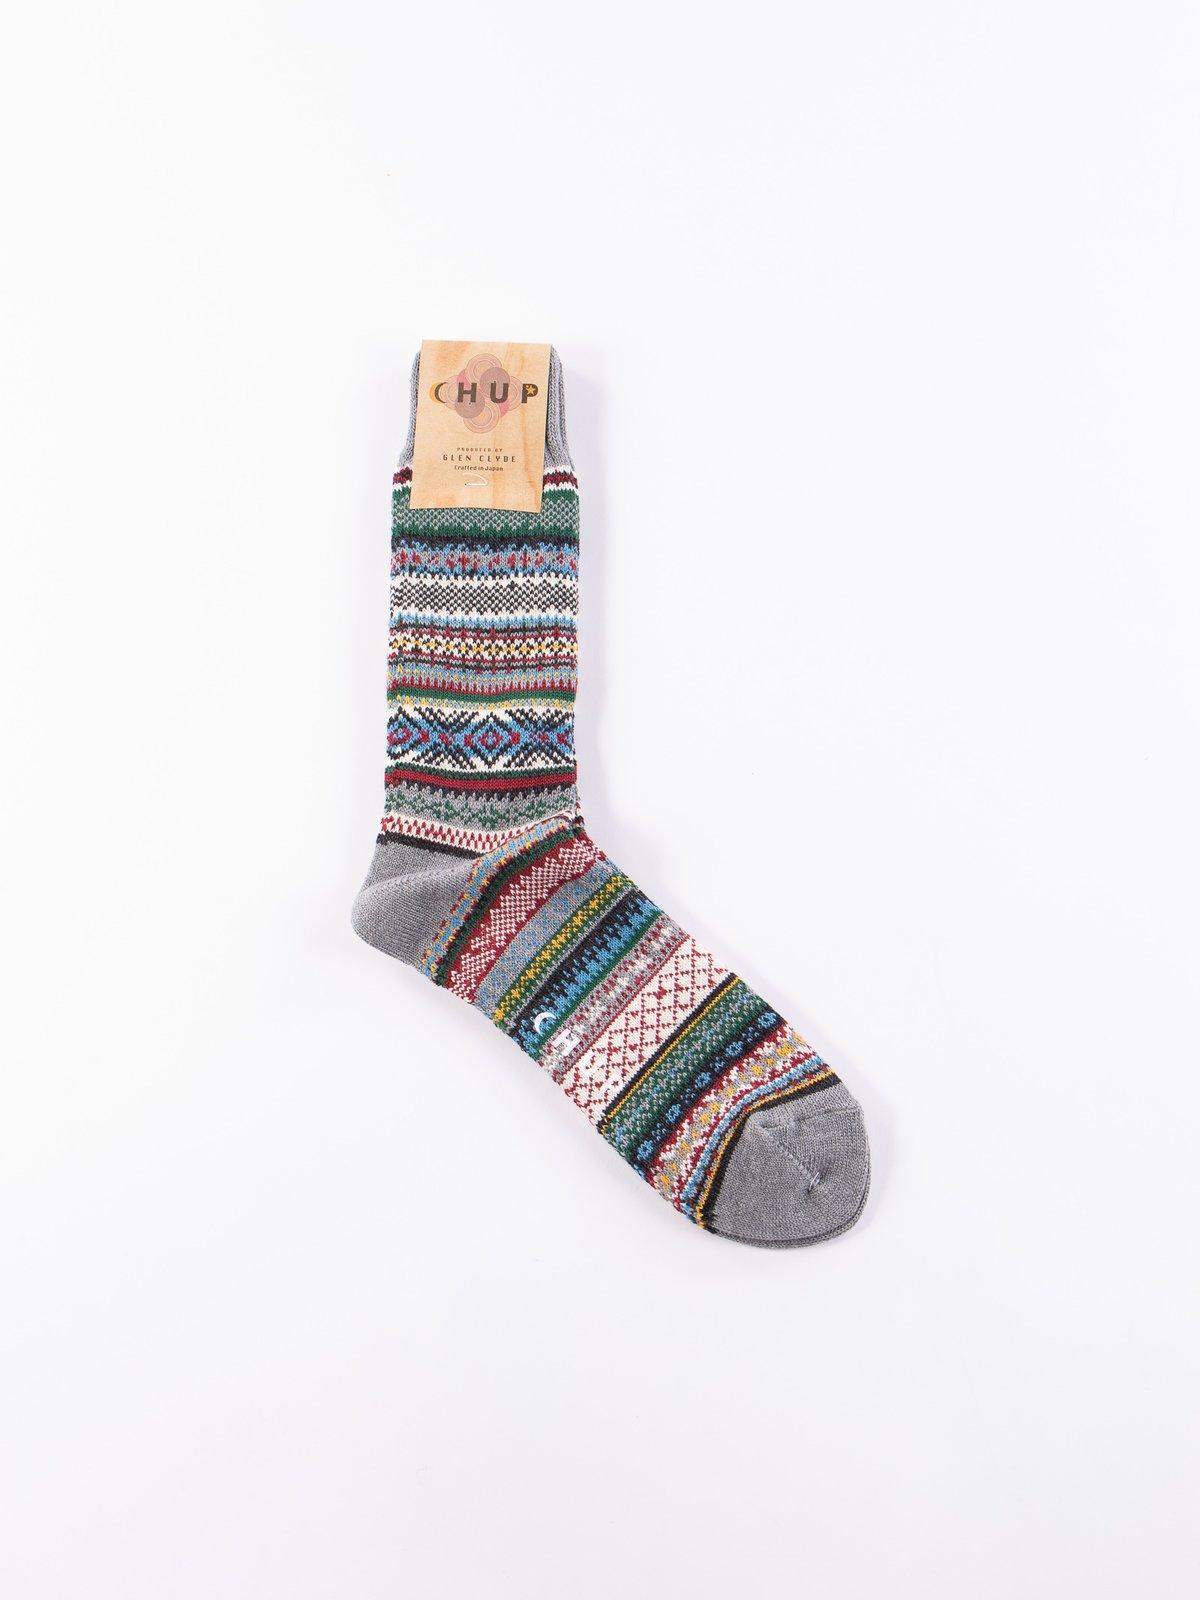 Fossil Aistear Socks - Image 1